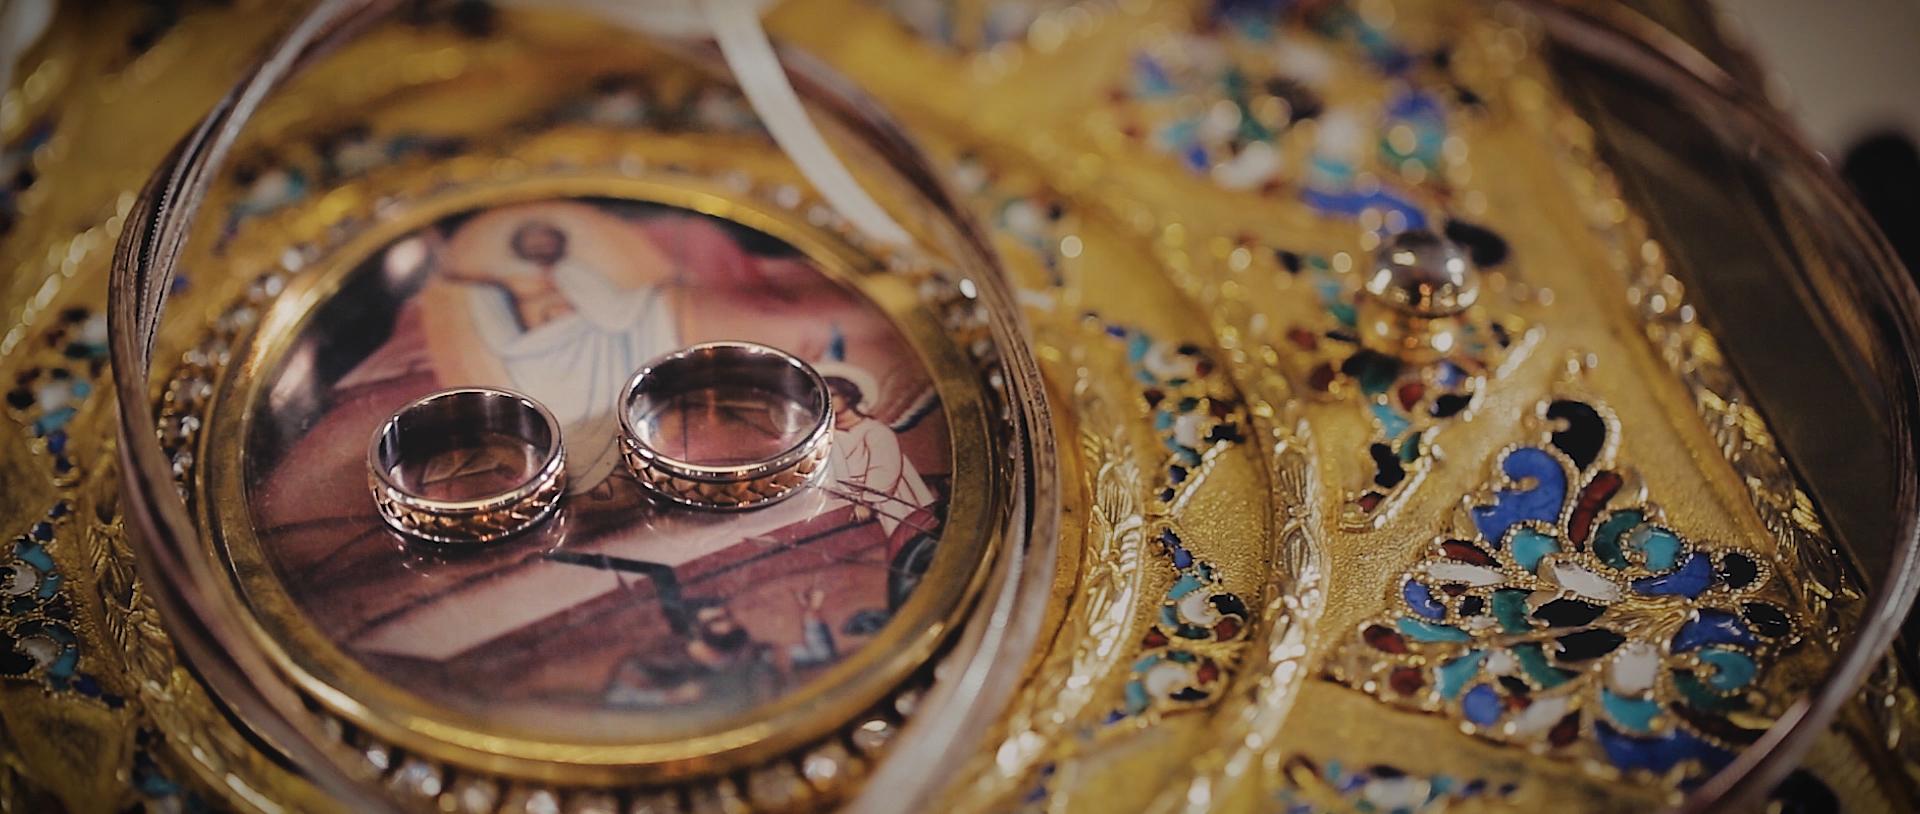 M&G_Sneak Preview Image.jpg